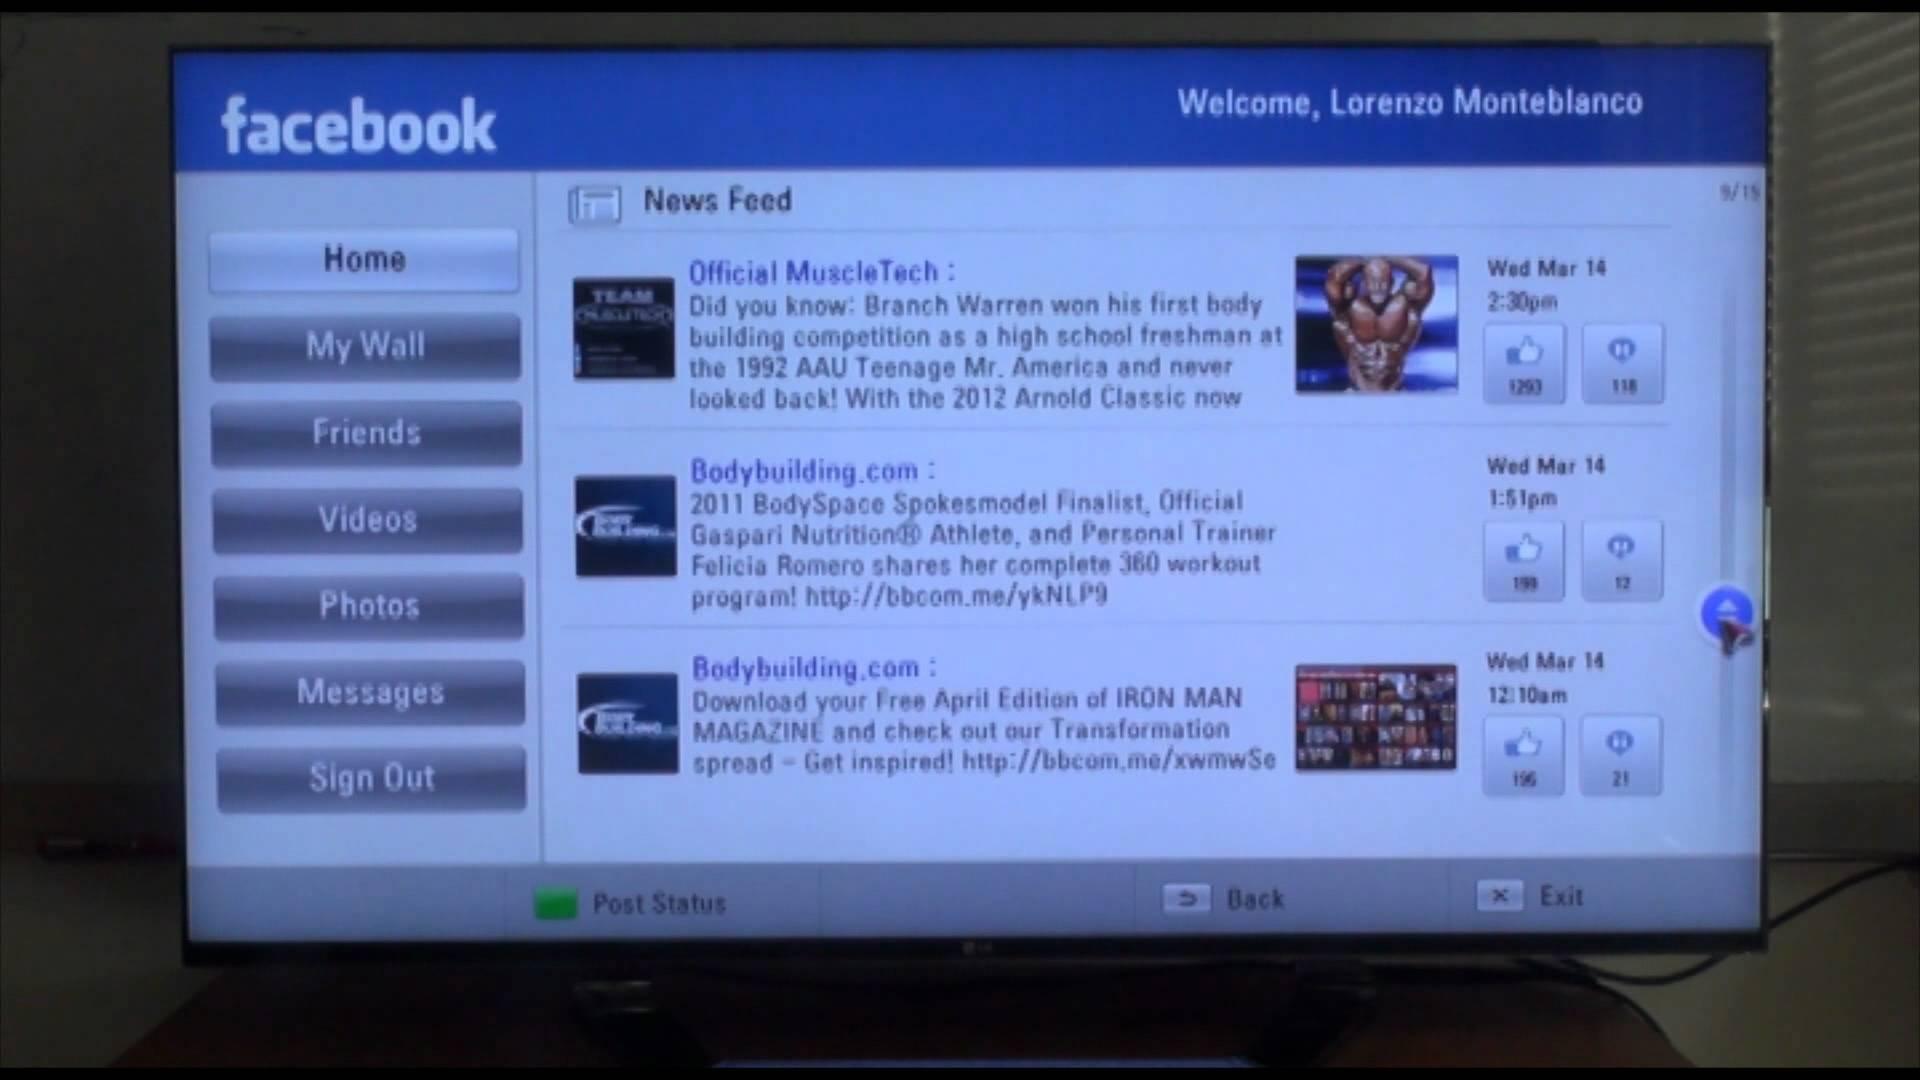 تطبيق من فيسبوك لمشاهدة الفيديو على التلفزيون